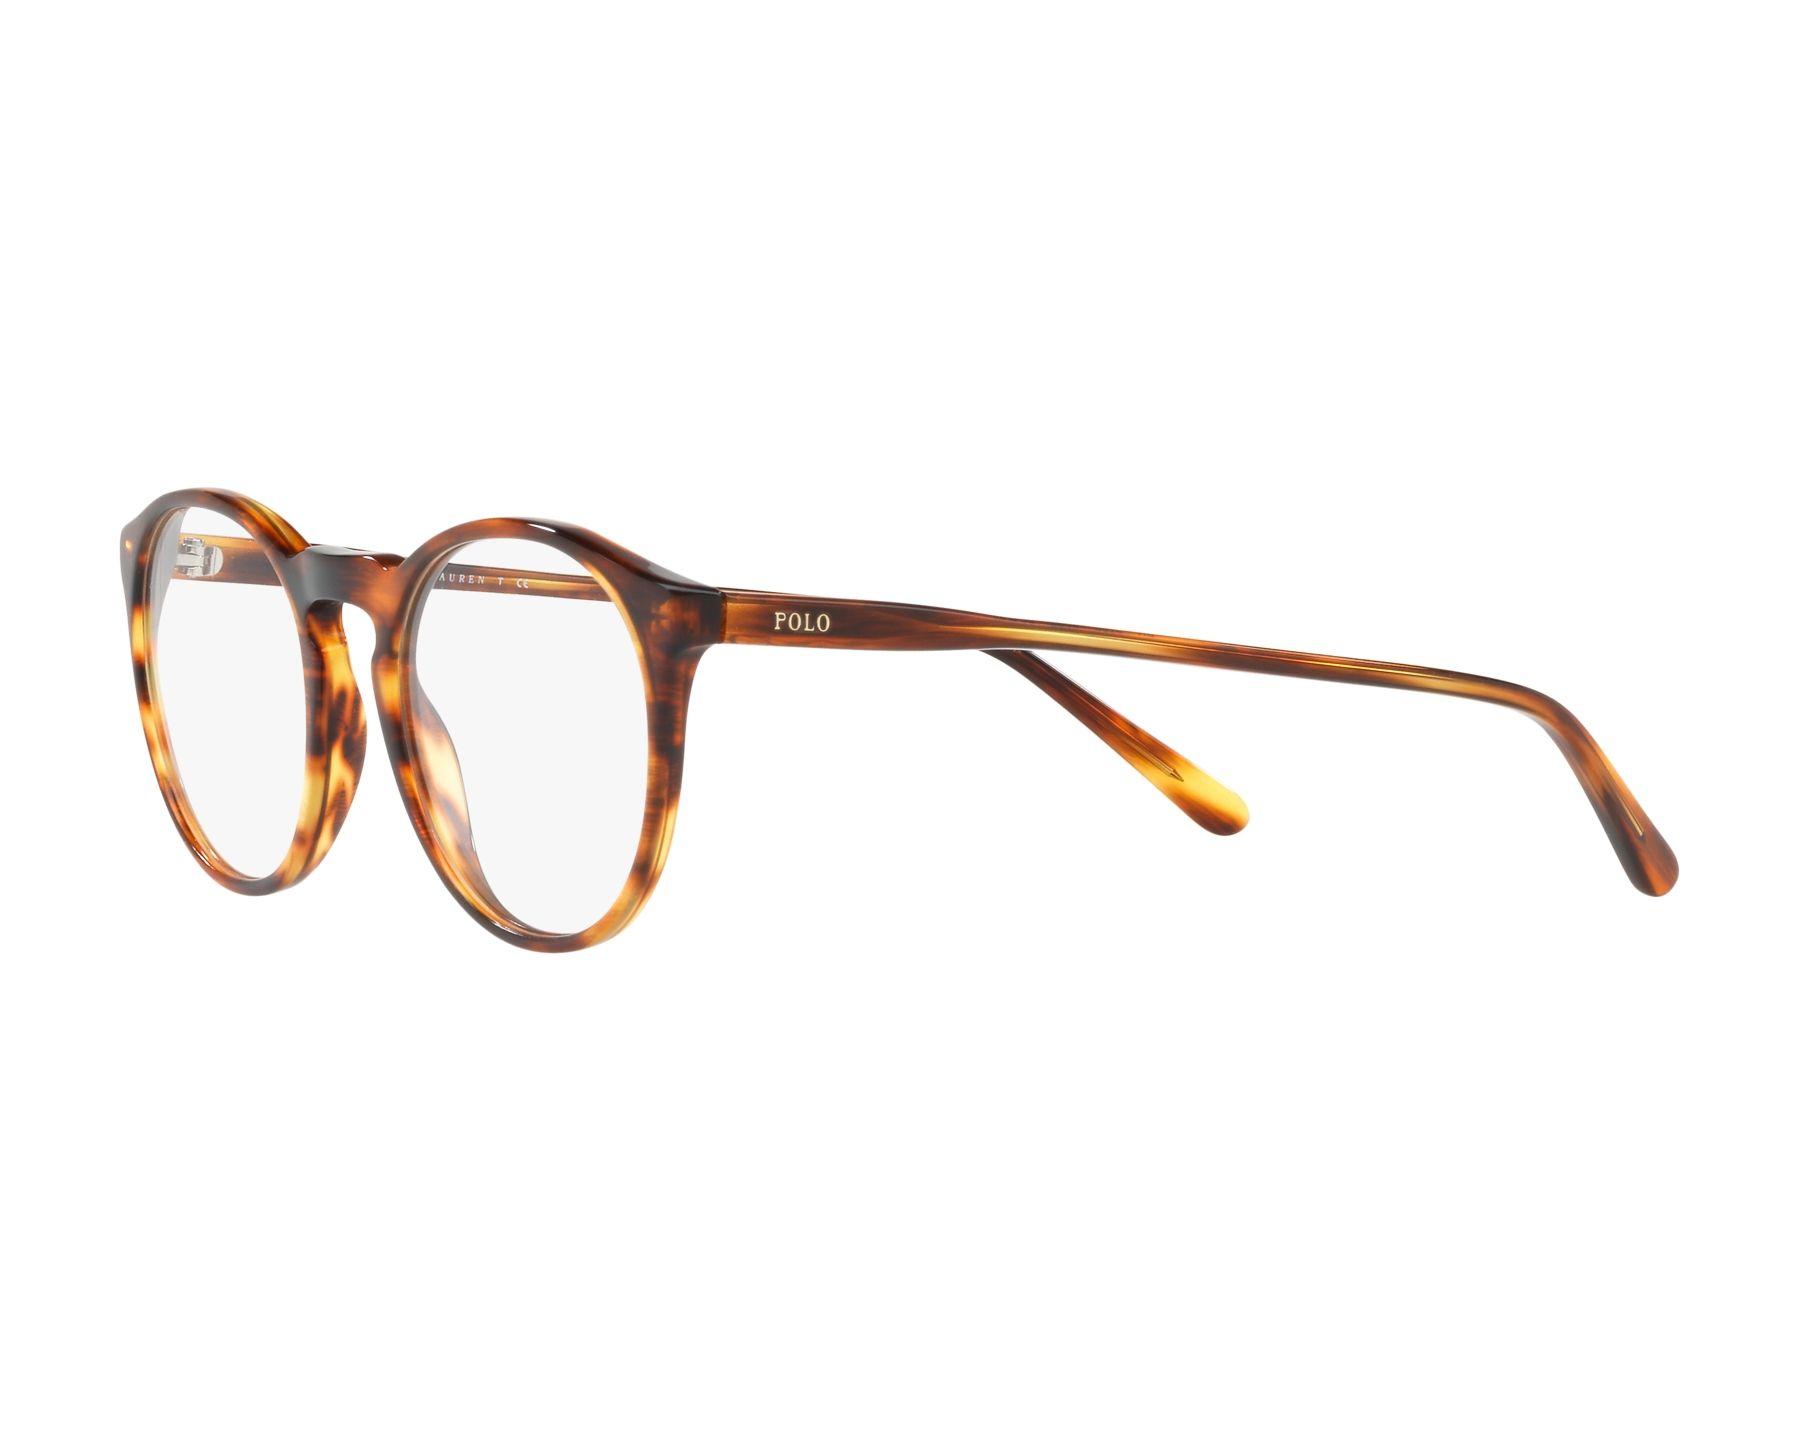 eyeglasses Polo Ralph Lauren PH-2180 5007 50-20 Havana 360 degree view 3 7895c9e5588